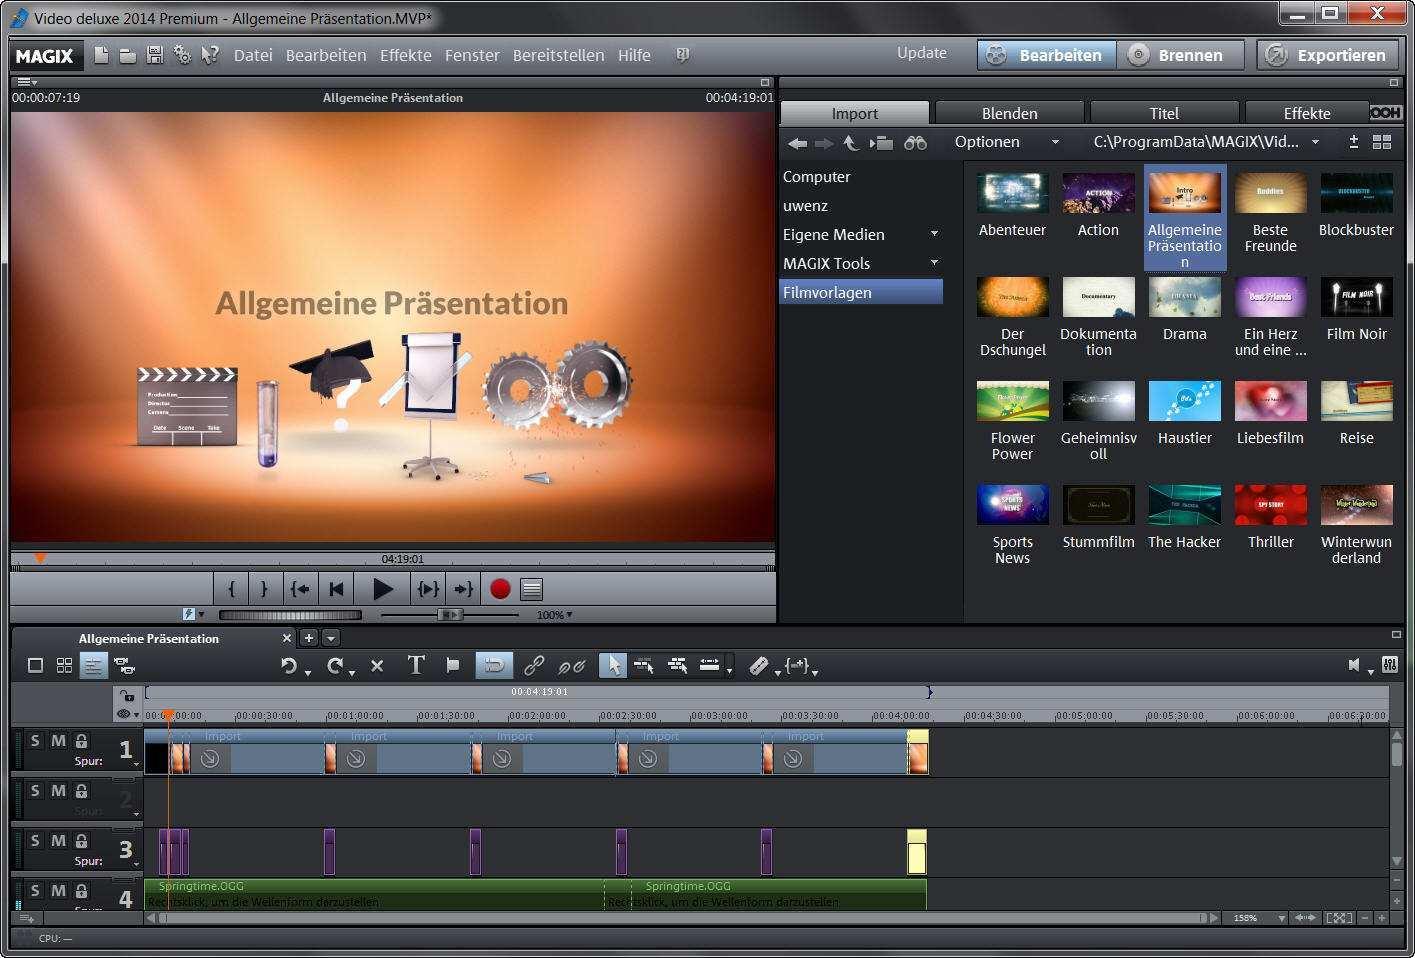 Gratis Downloads Von Magix Video Deluxe 2014 Laden Film Bearbeitung